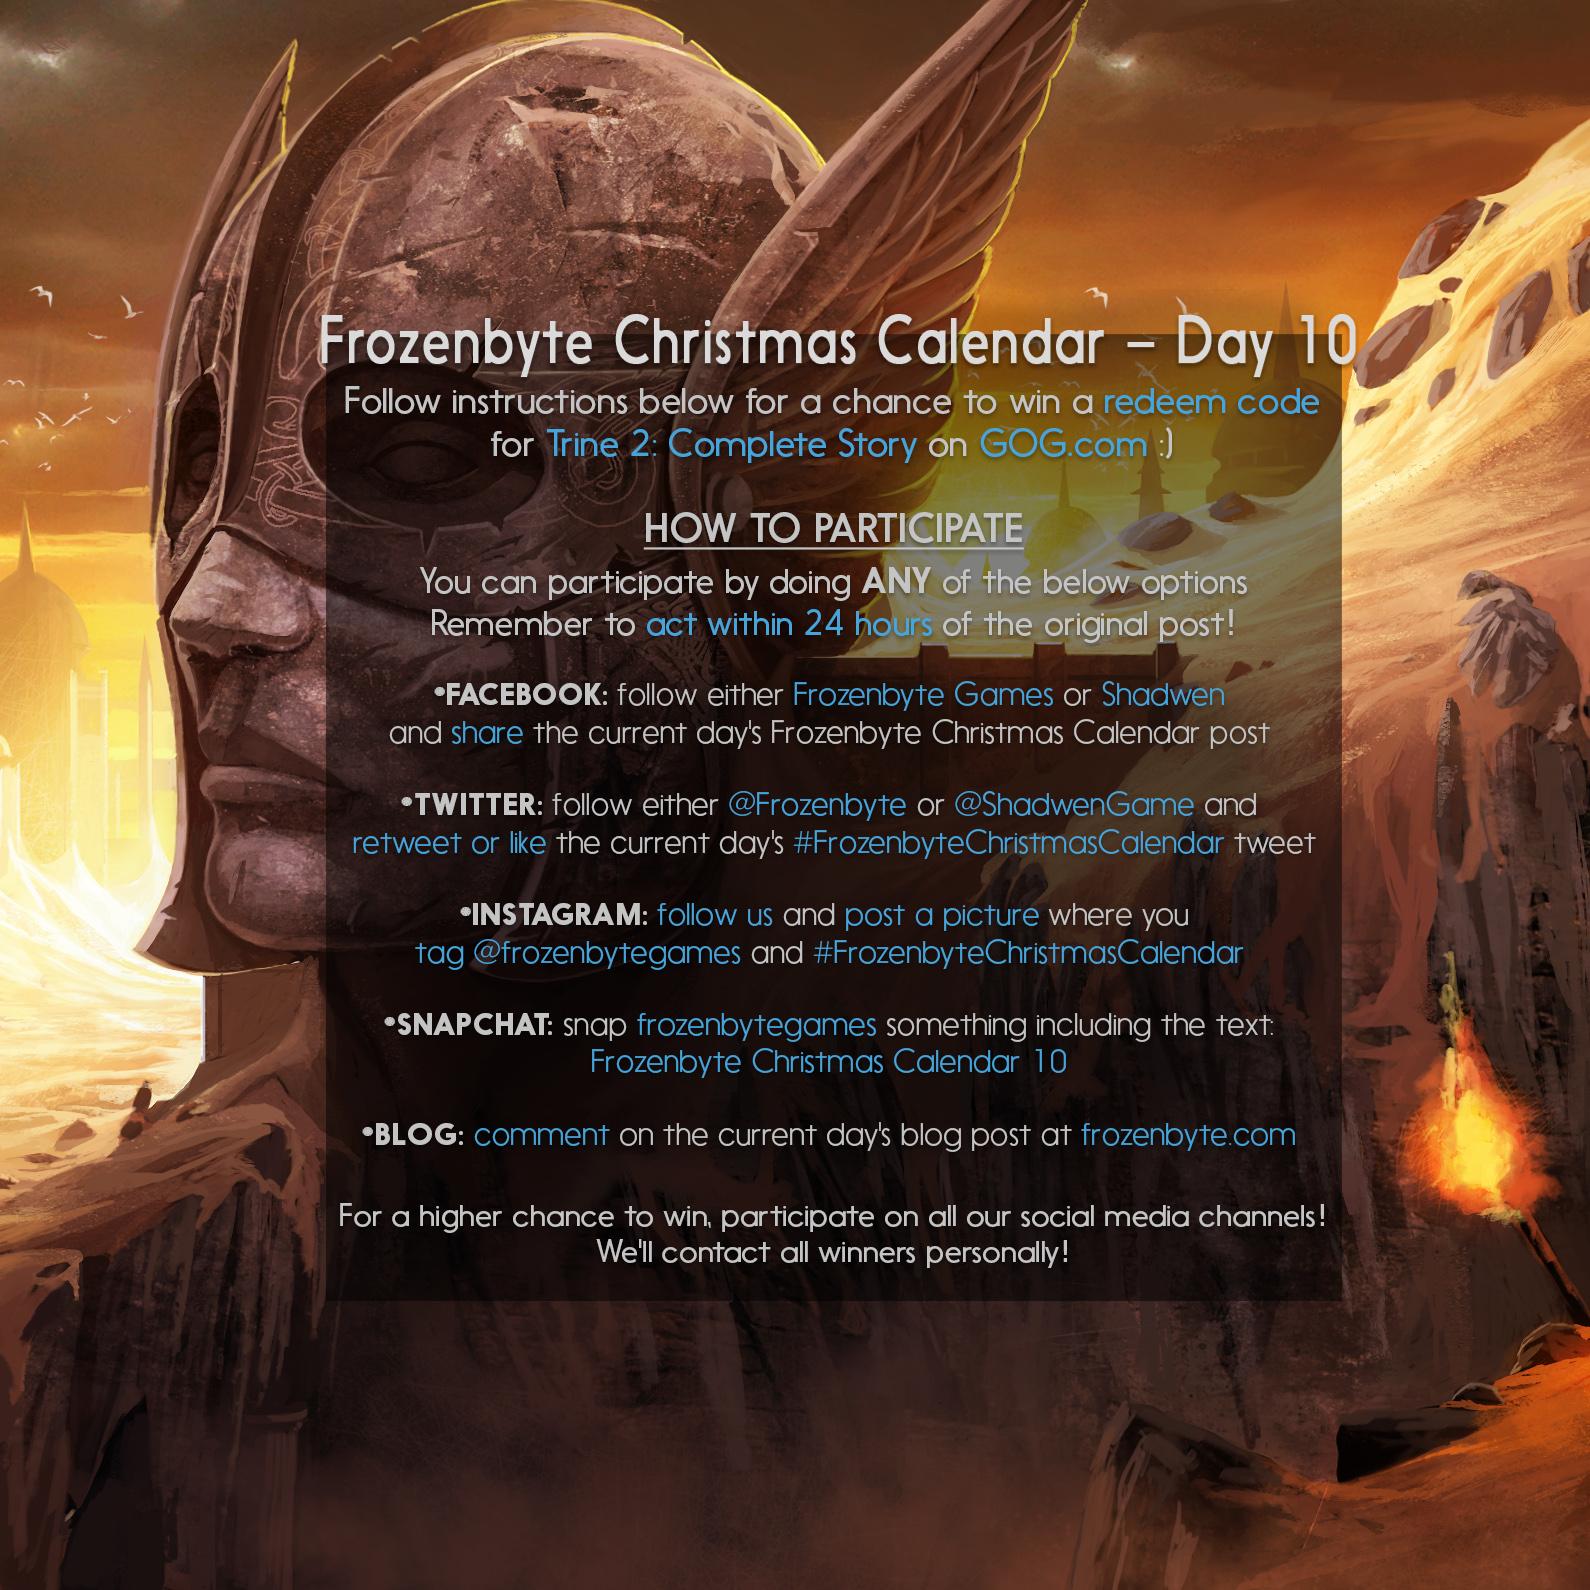 Trine_2_Directors_Cut_Concept_Calendar2.jpg